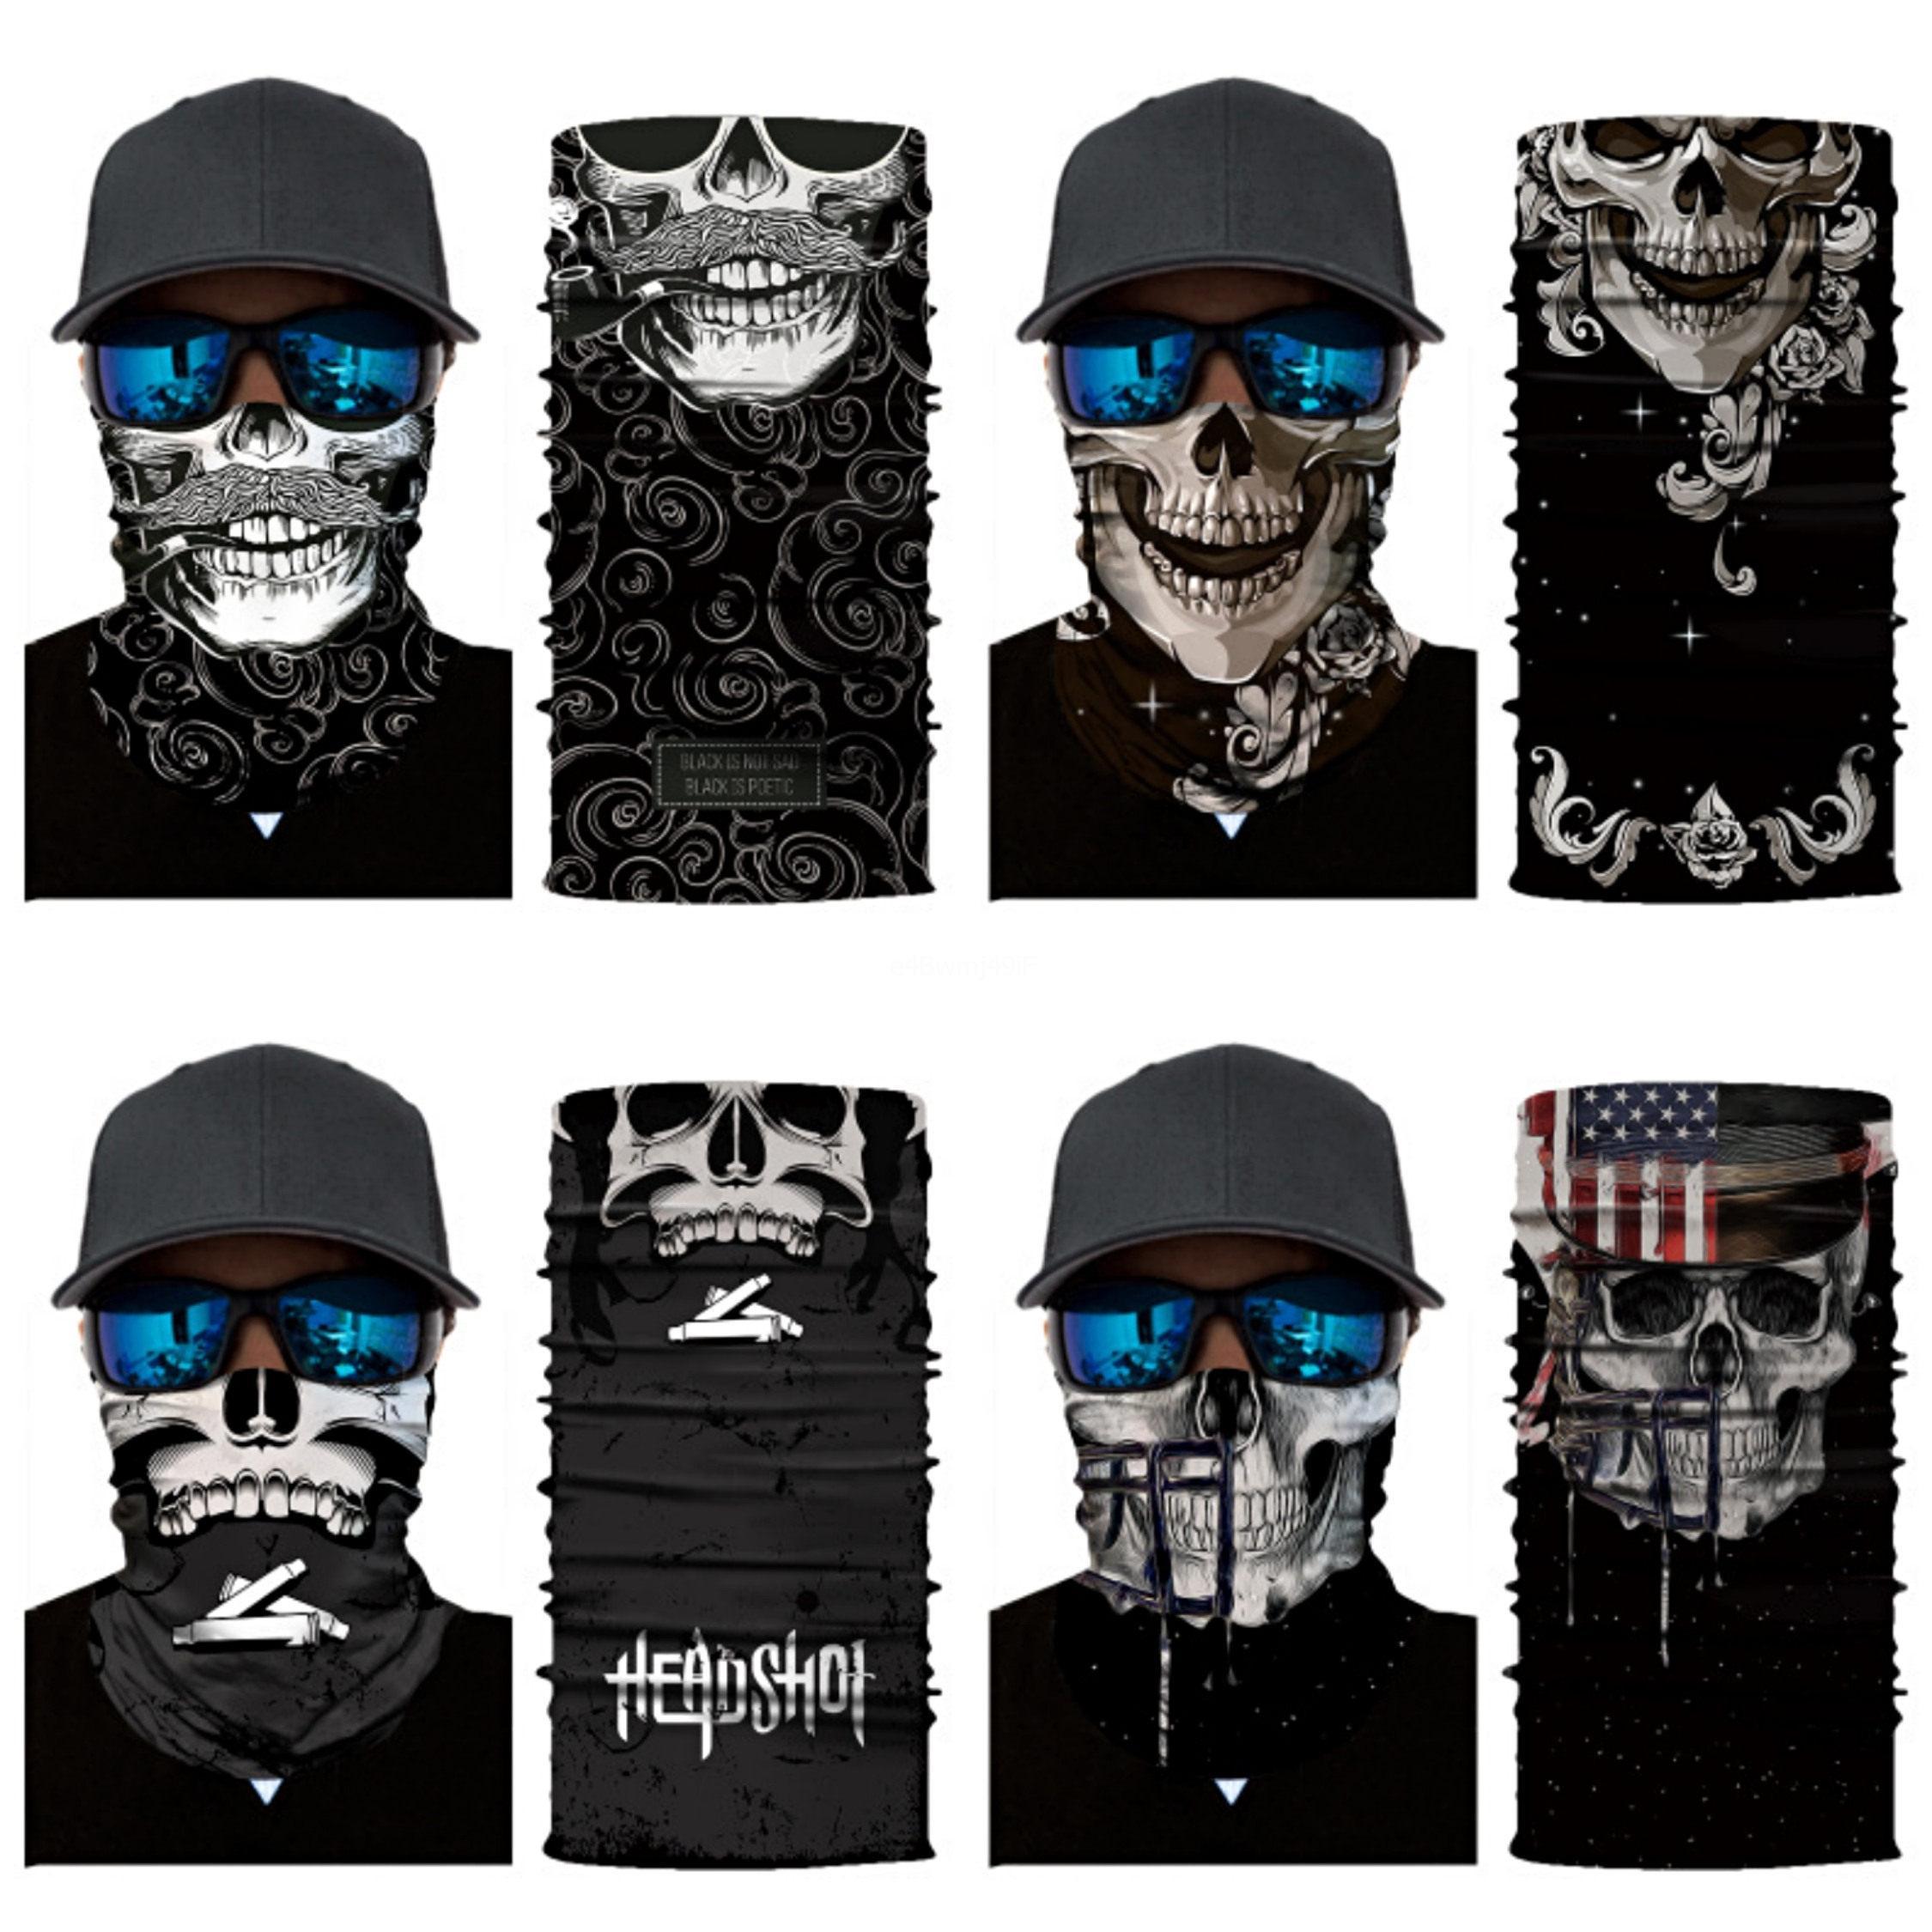 Auf Lager Magie Turban Bandanas Schädel-Gesichtsmasken Skeleton Sport im Freien Geist Halstücher Stirnband Fahrrad Motorrad-Wrap # 574